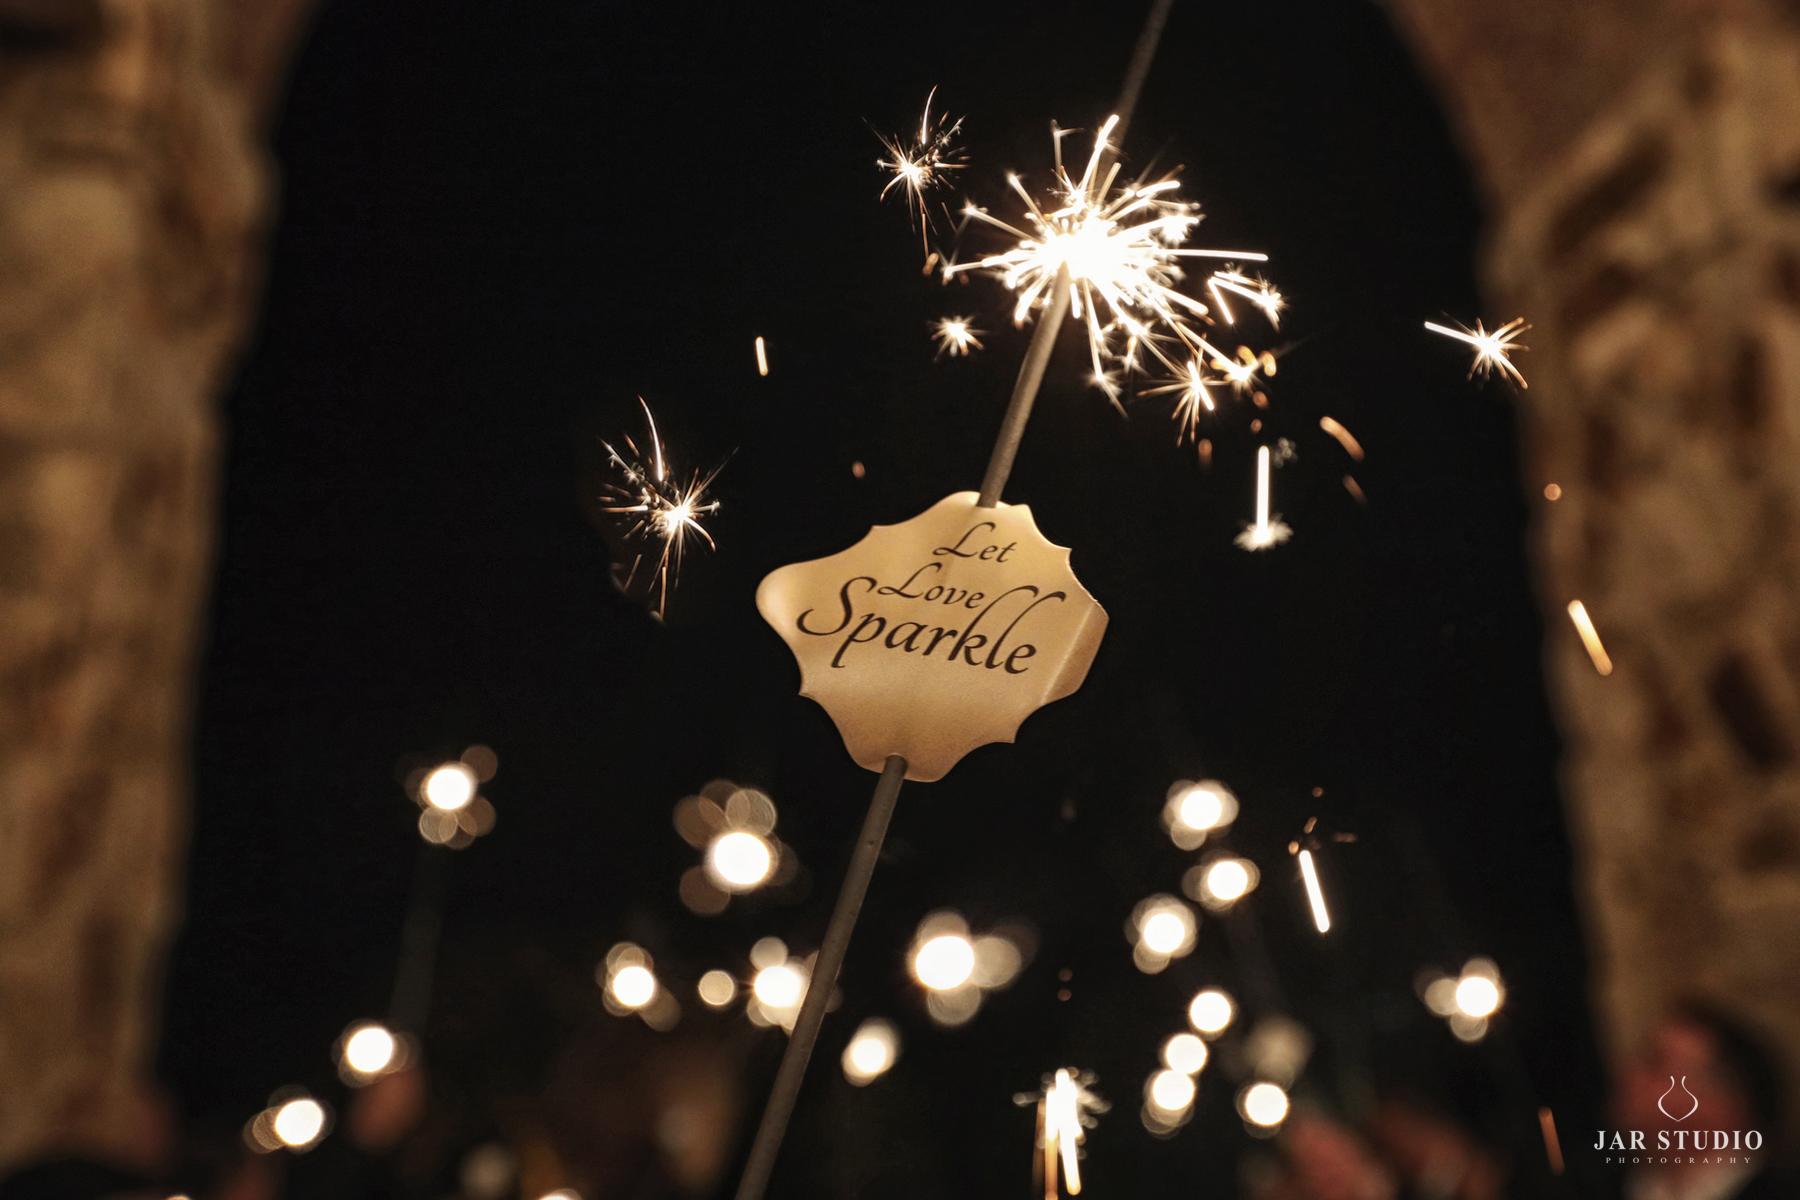 45-let-love-sparkle-send-off-jarstudio-photography.jpg